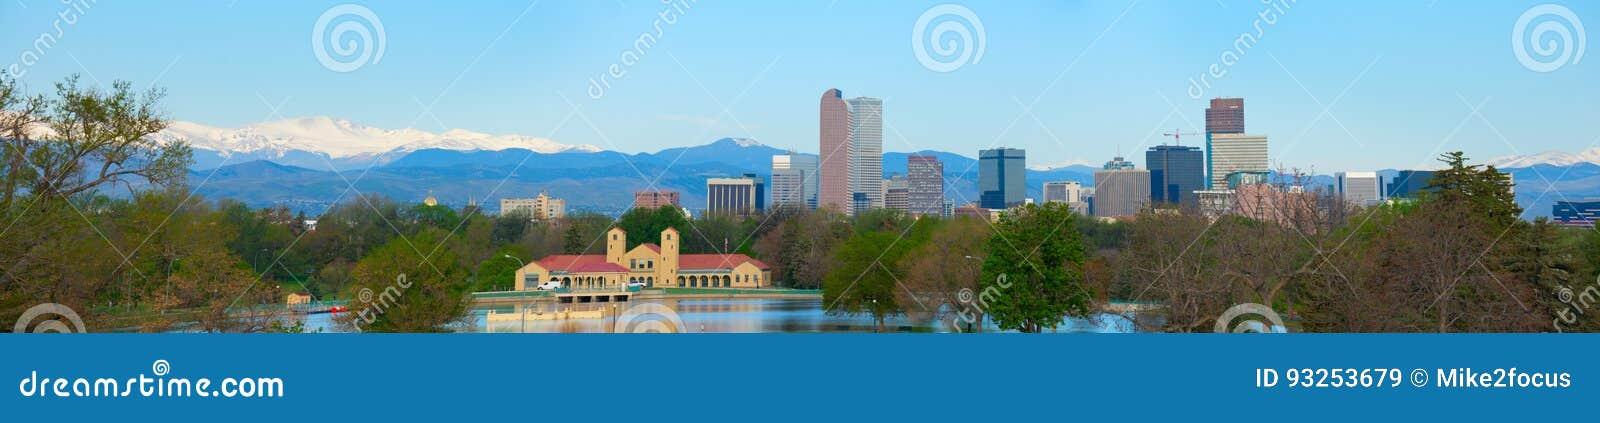 Panorama del formato extremadamente grande del horizonte céntrico y de Rocky Mountains de Denver